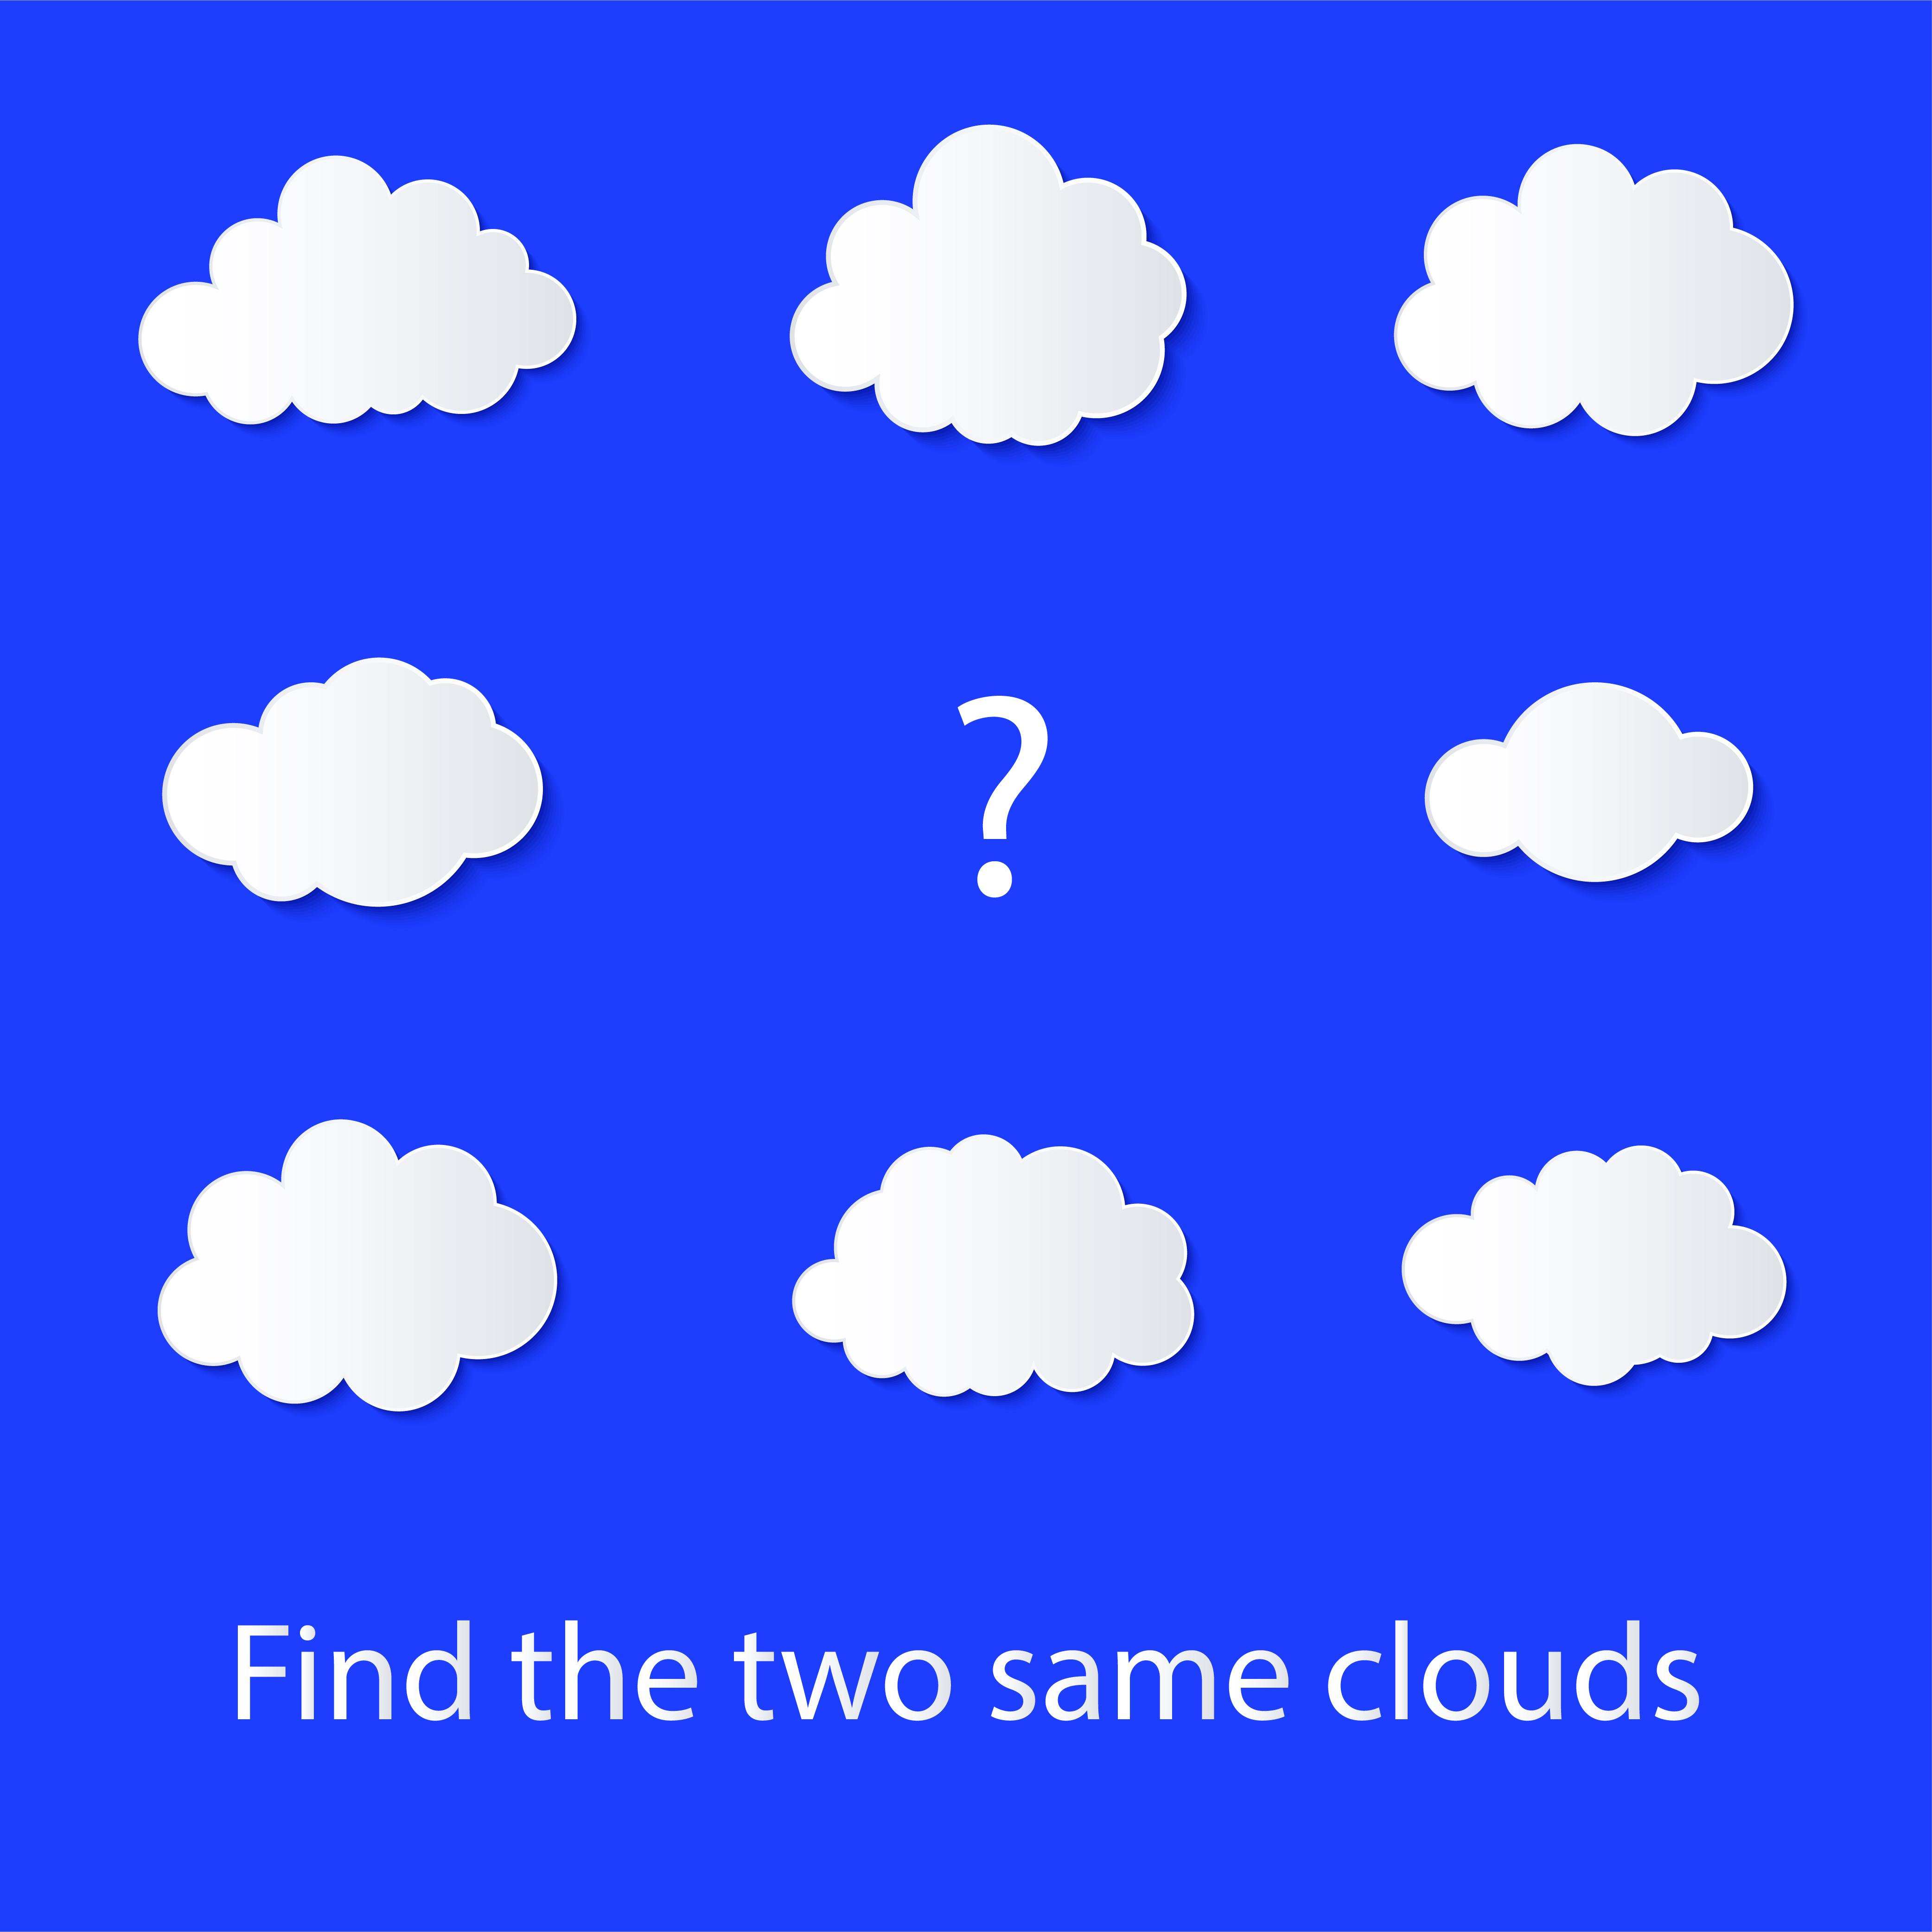 Easy preschool educational brainteasers set example image 3